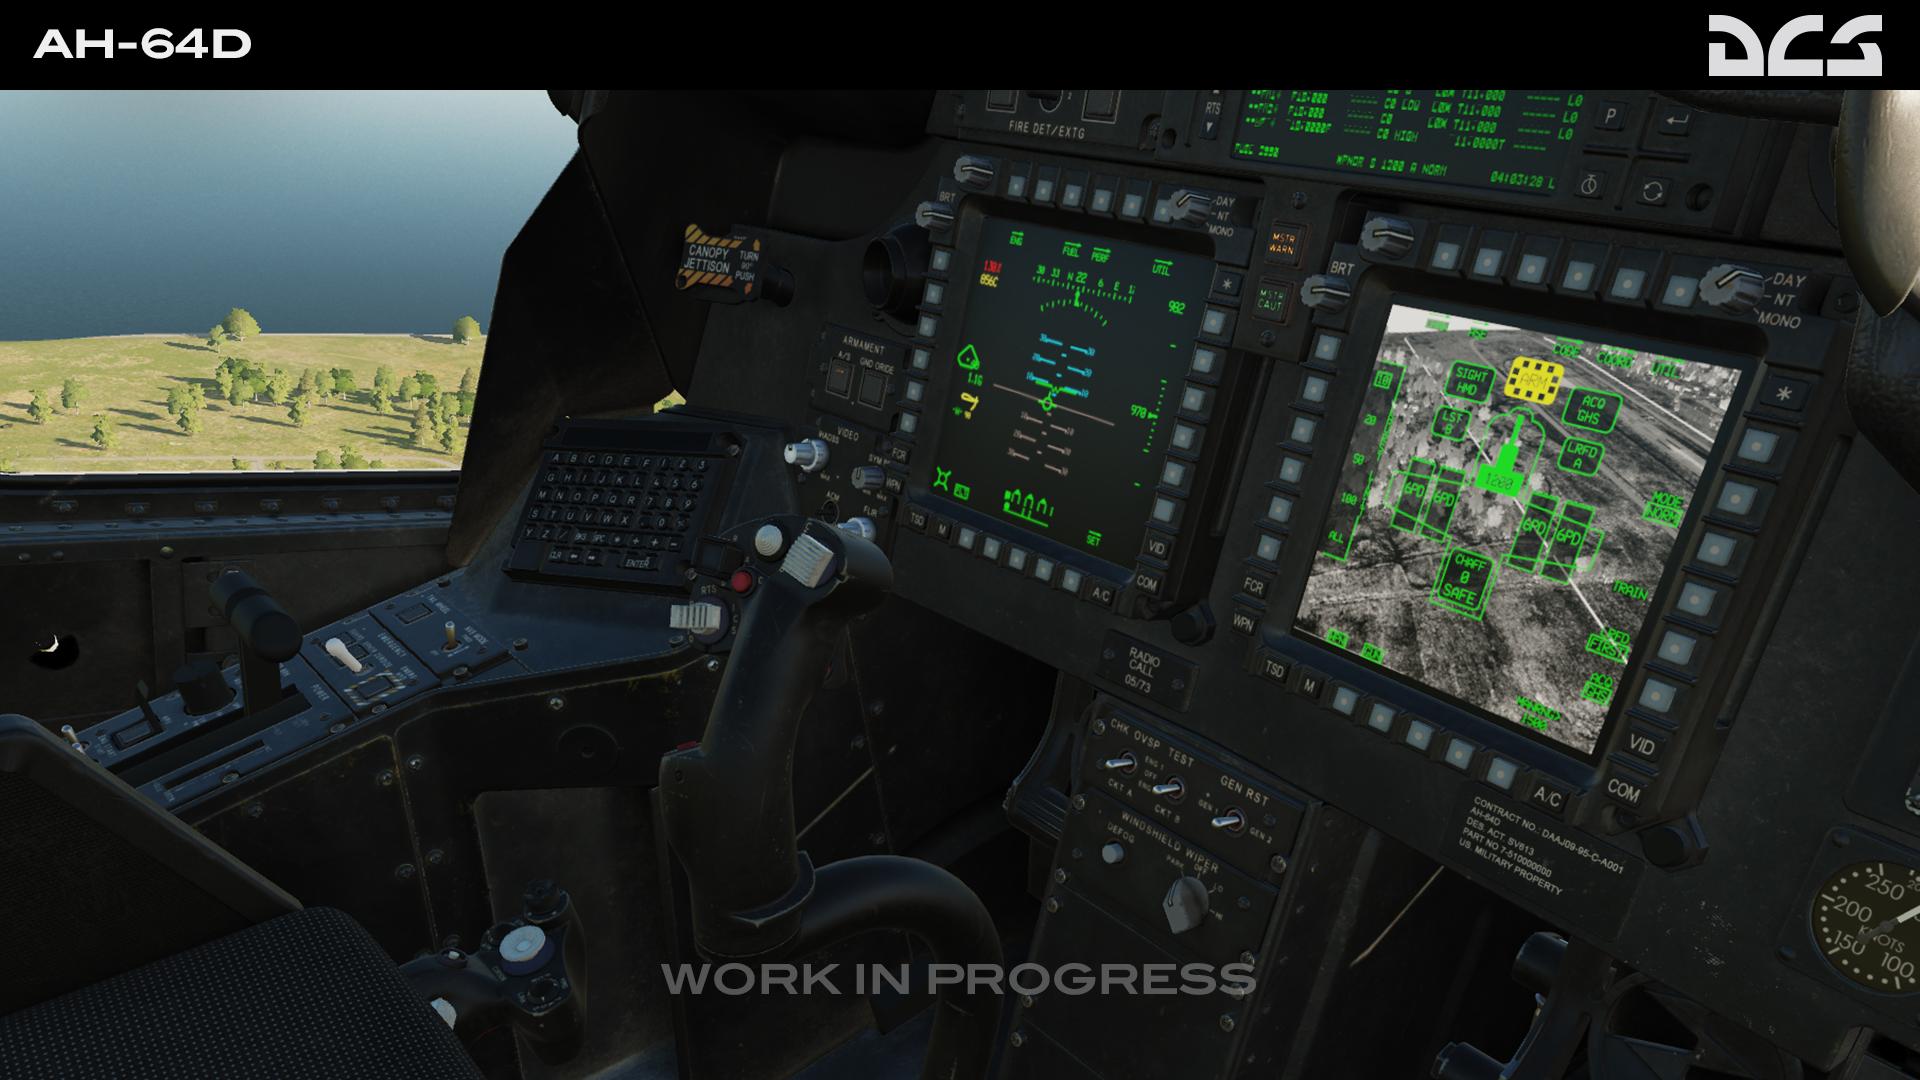 dcs-world-flight-simulator-ah-64d-02.png